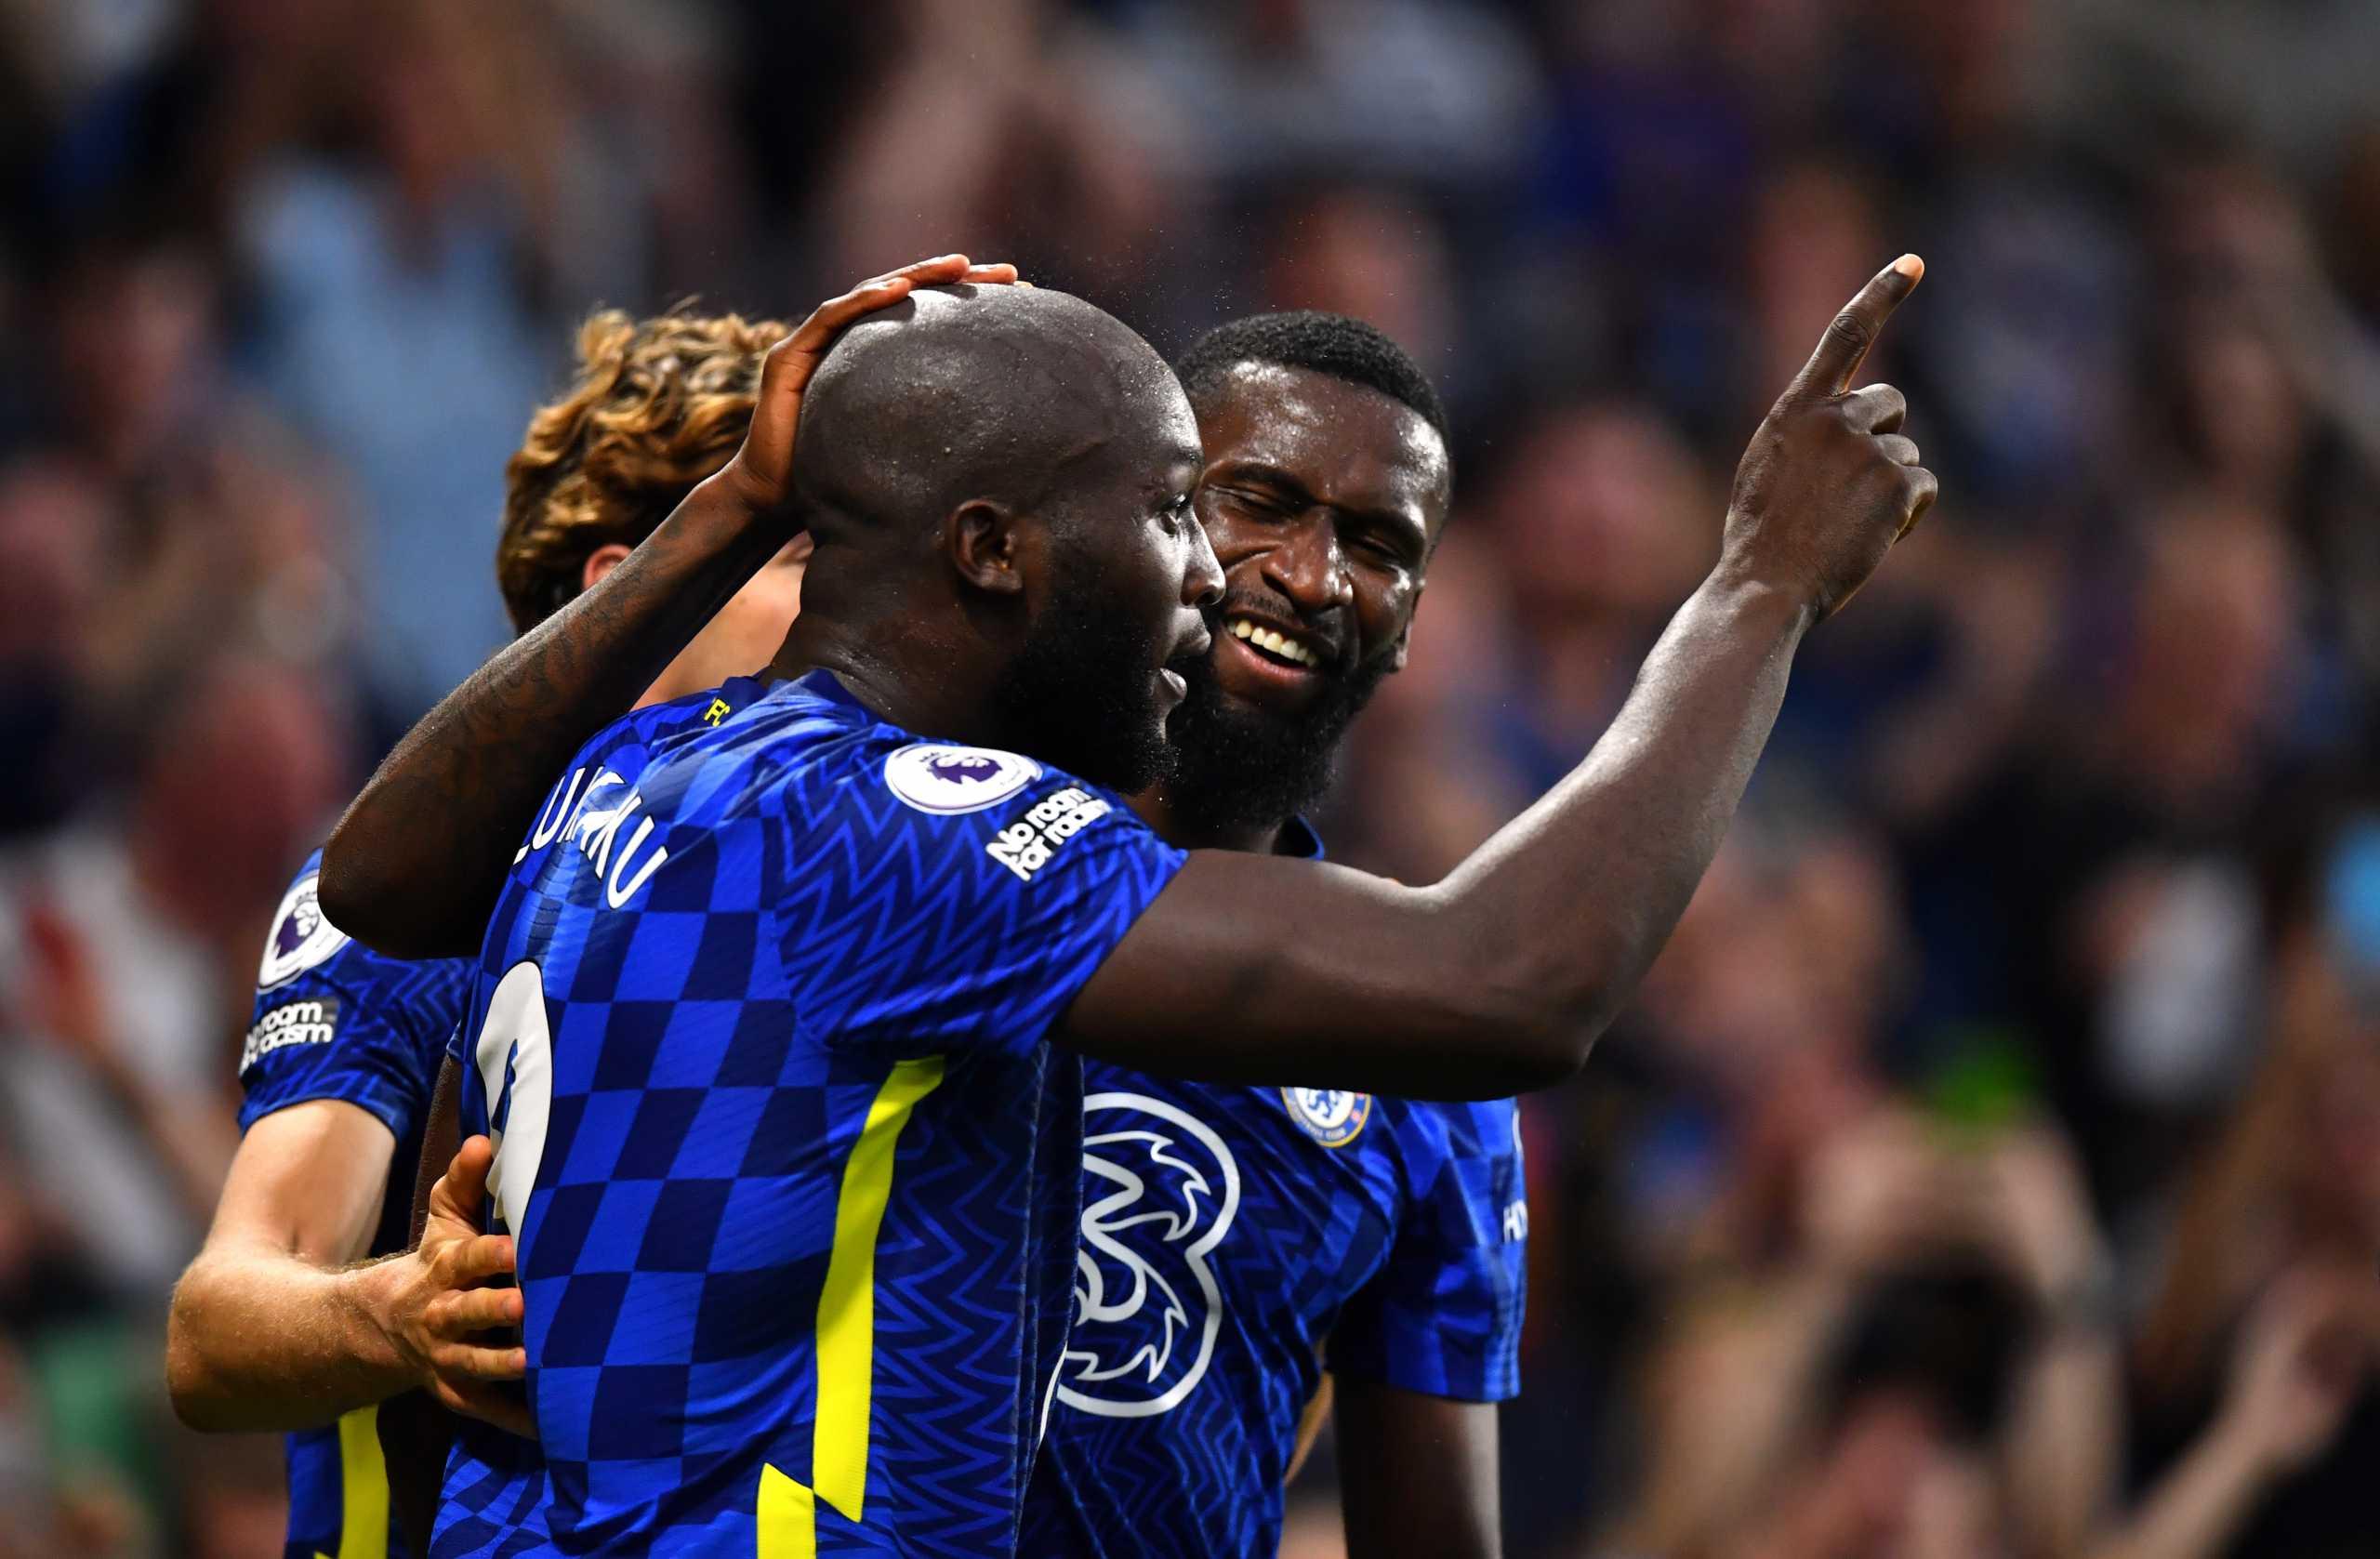 Τσέλσι – Άστον Βίλα 3-0: Με Λουκάκου οδηγό στην κορυφή της Premier League